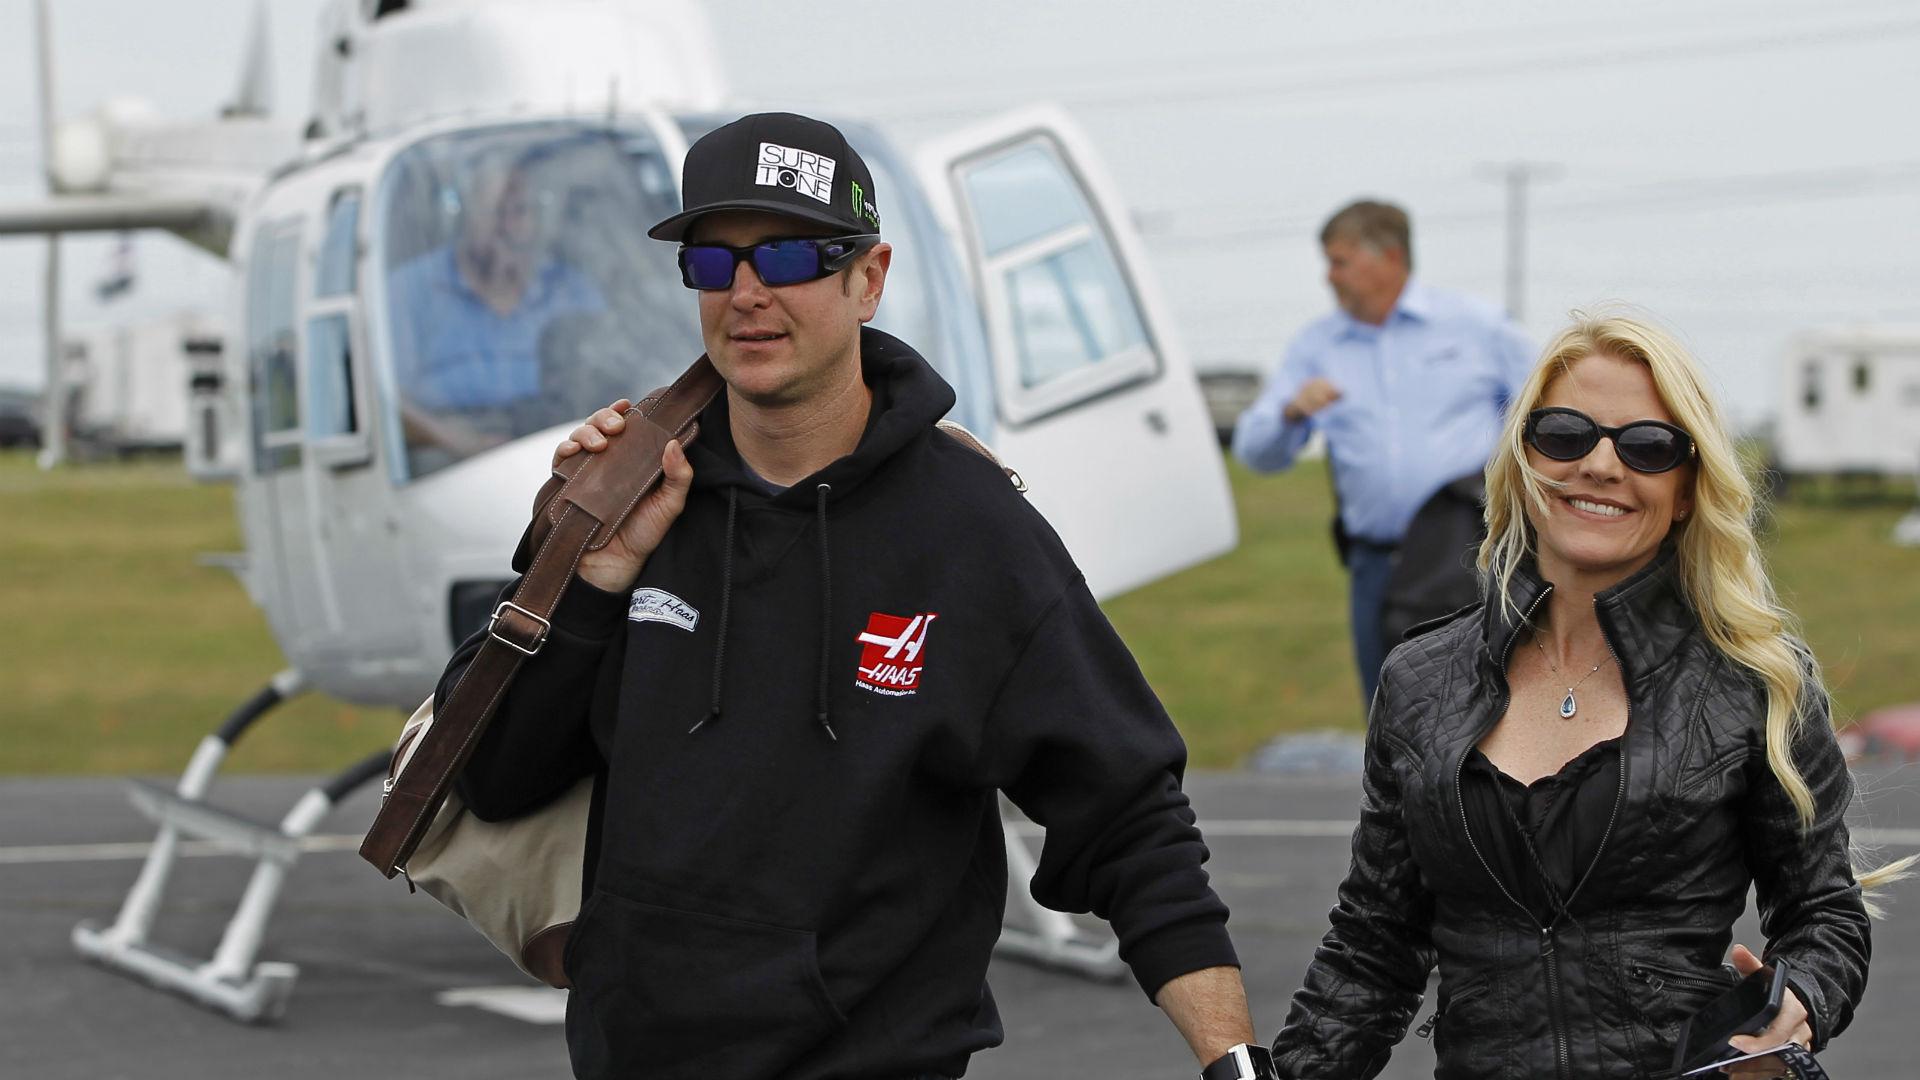 Kurt Busch-Indy-051714-AP-FTR.jpg